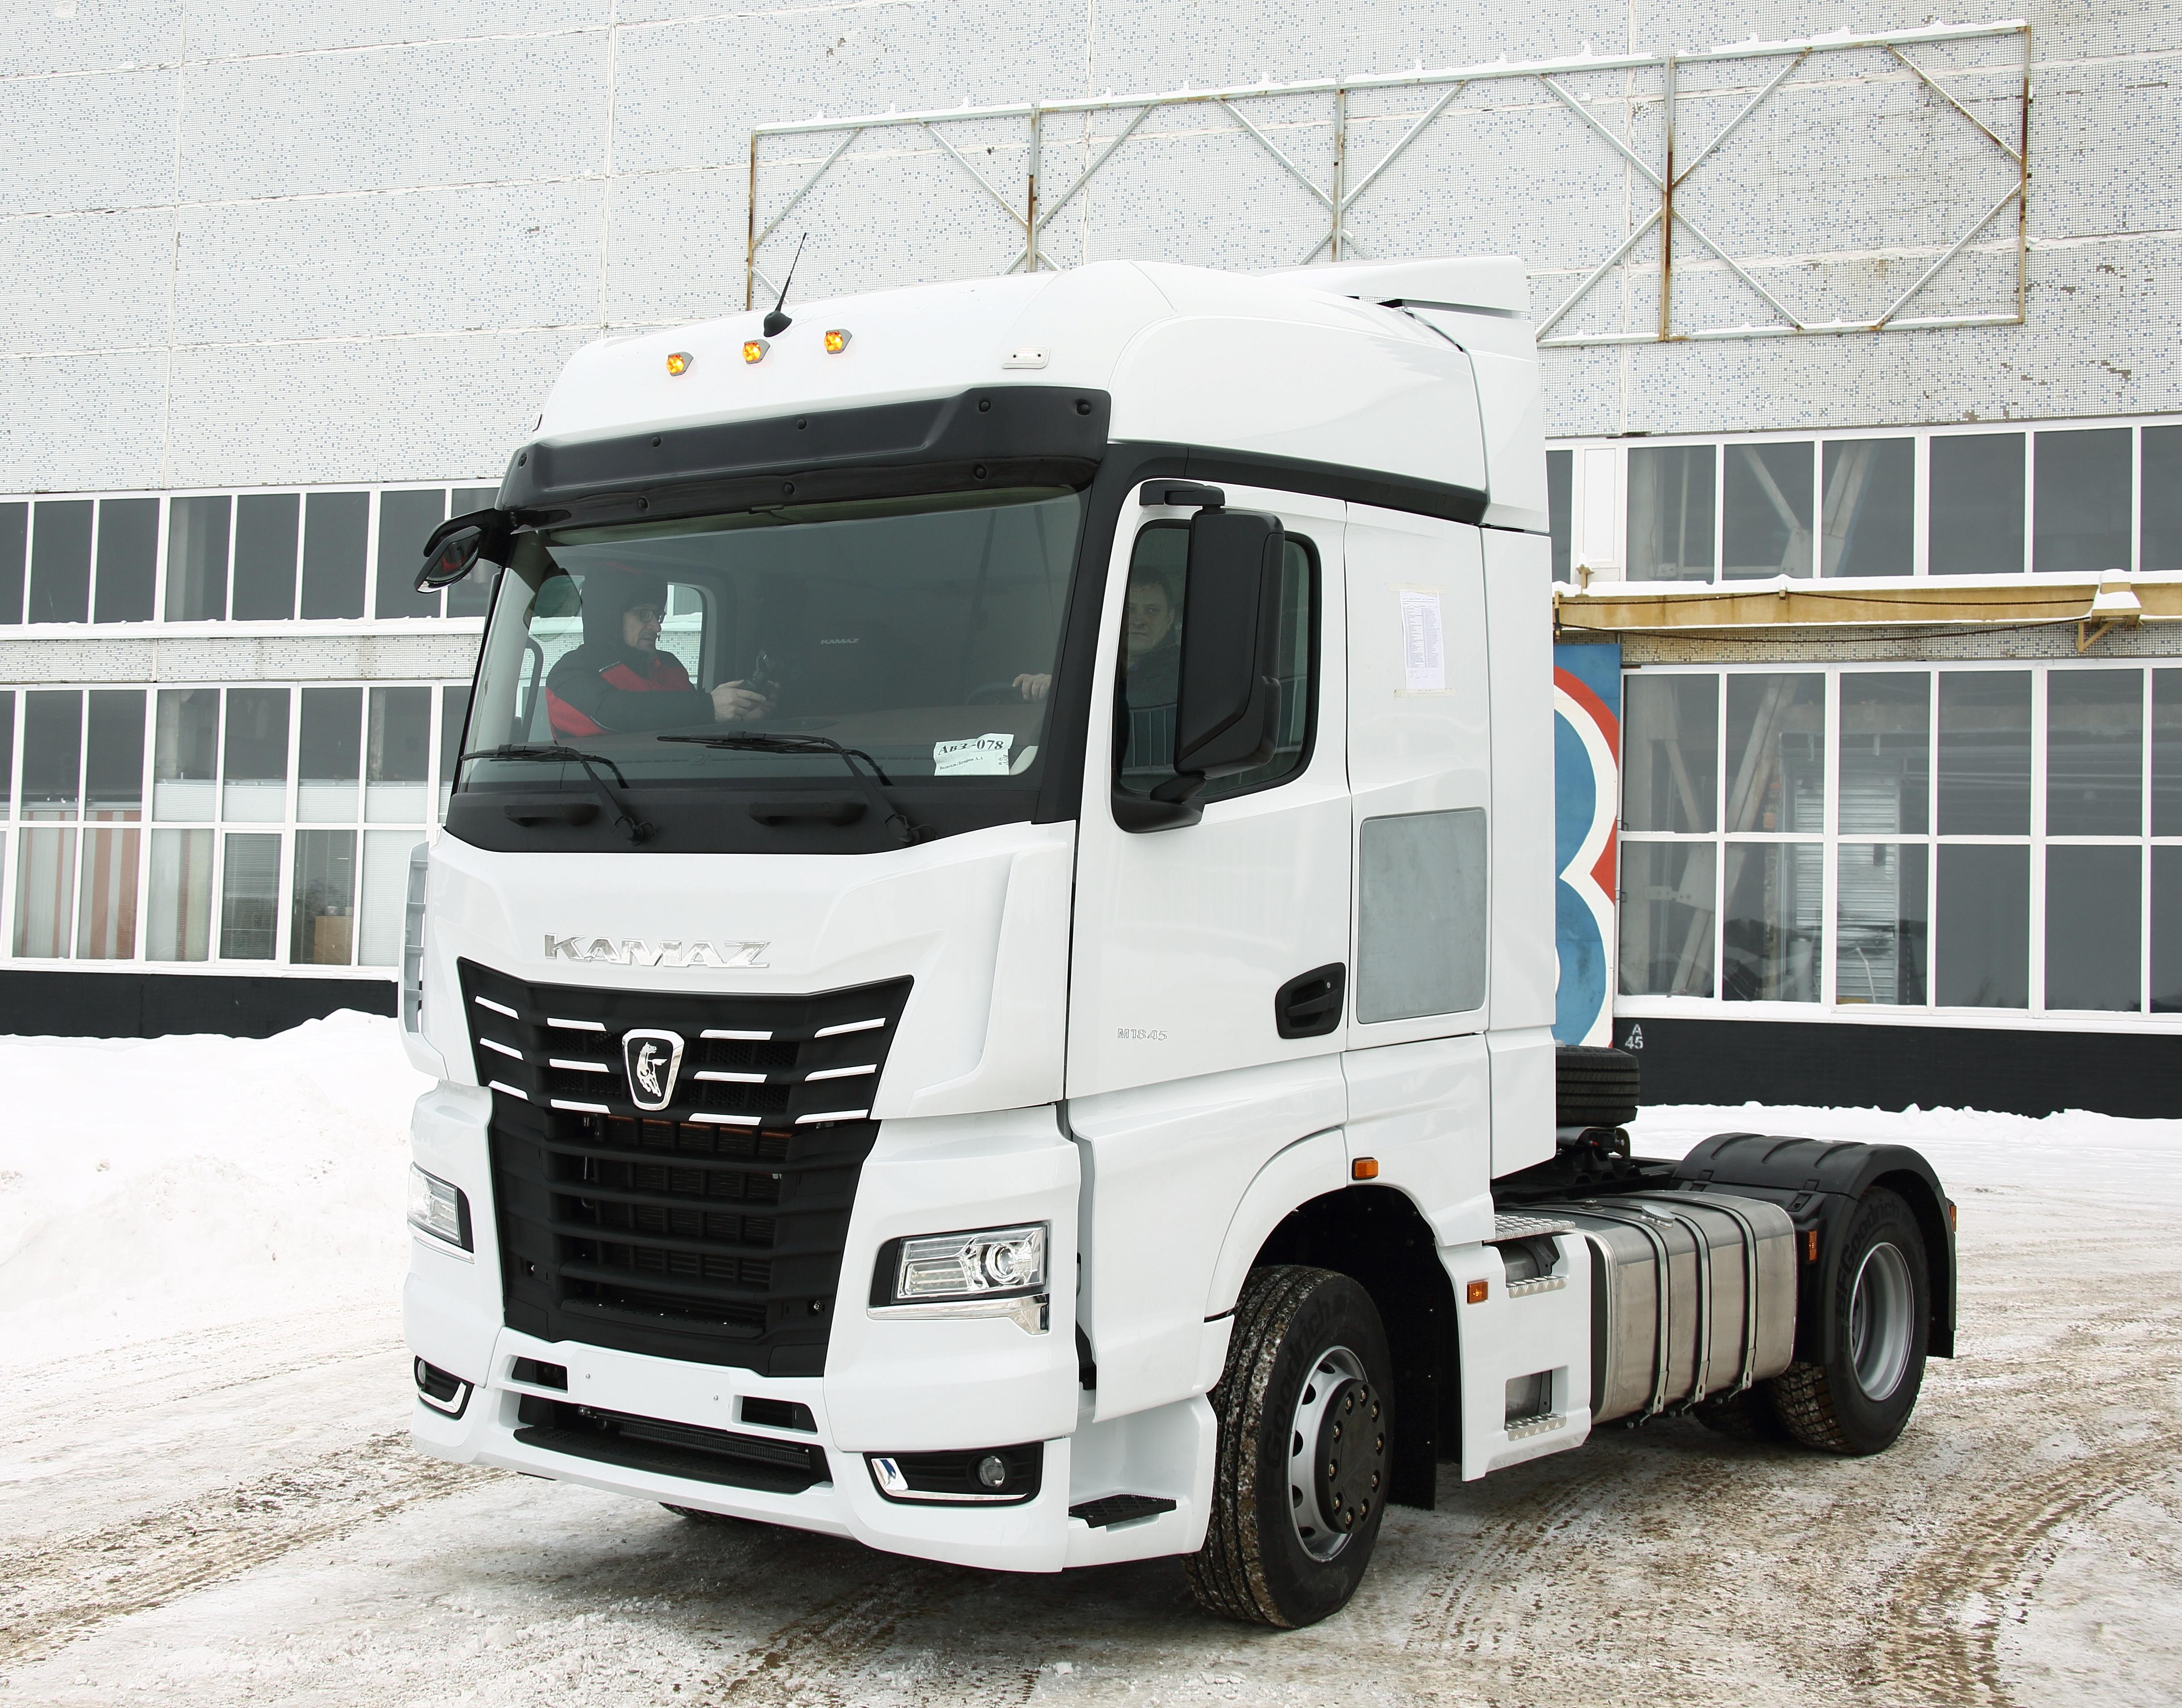 Спрос на автомобили КАМАЗ-5490 и КАМАЗ-54901 в лизинг